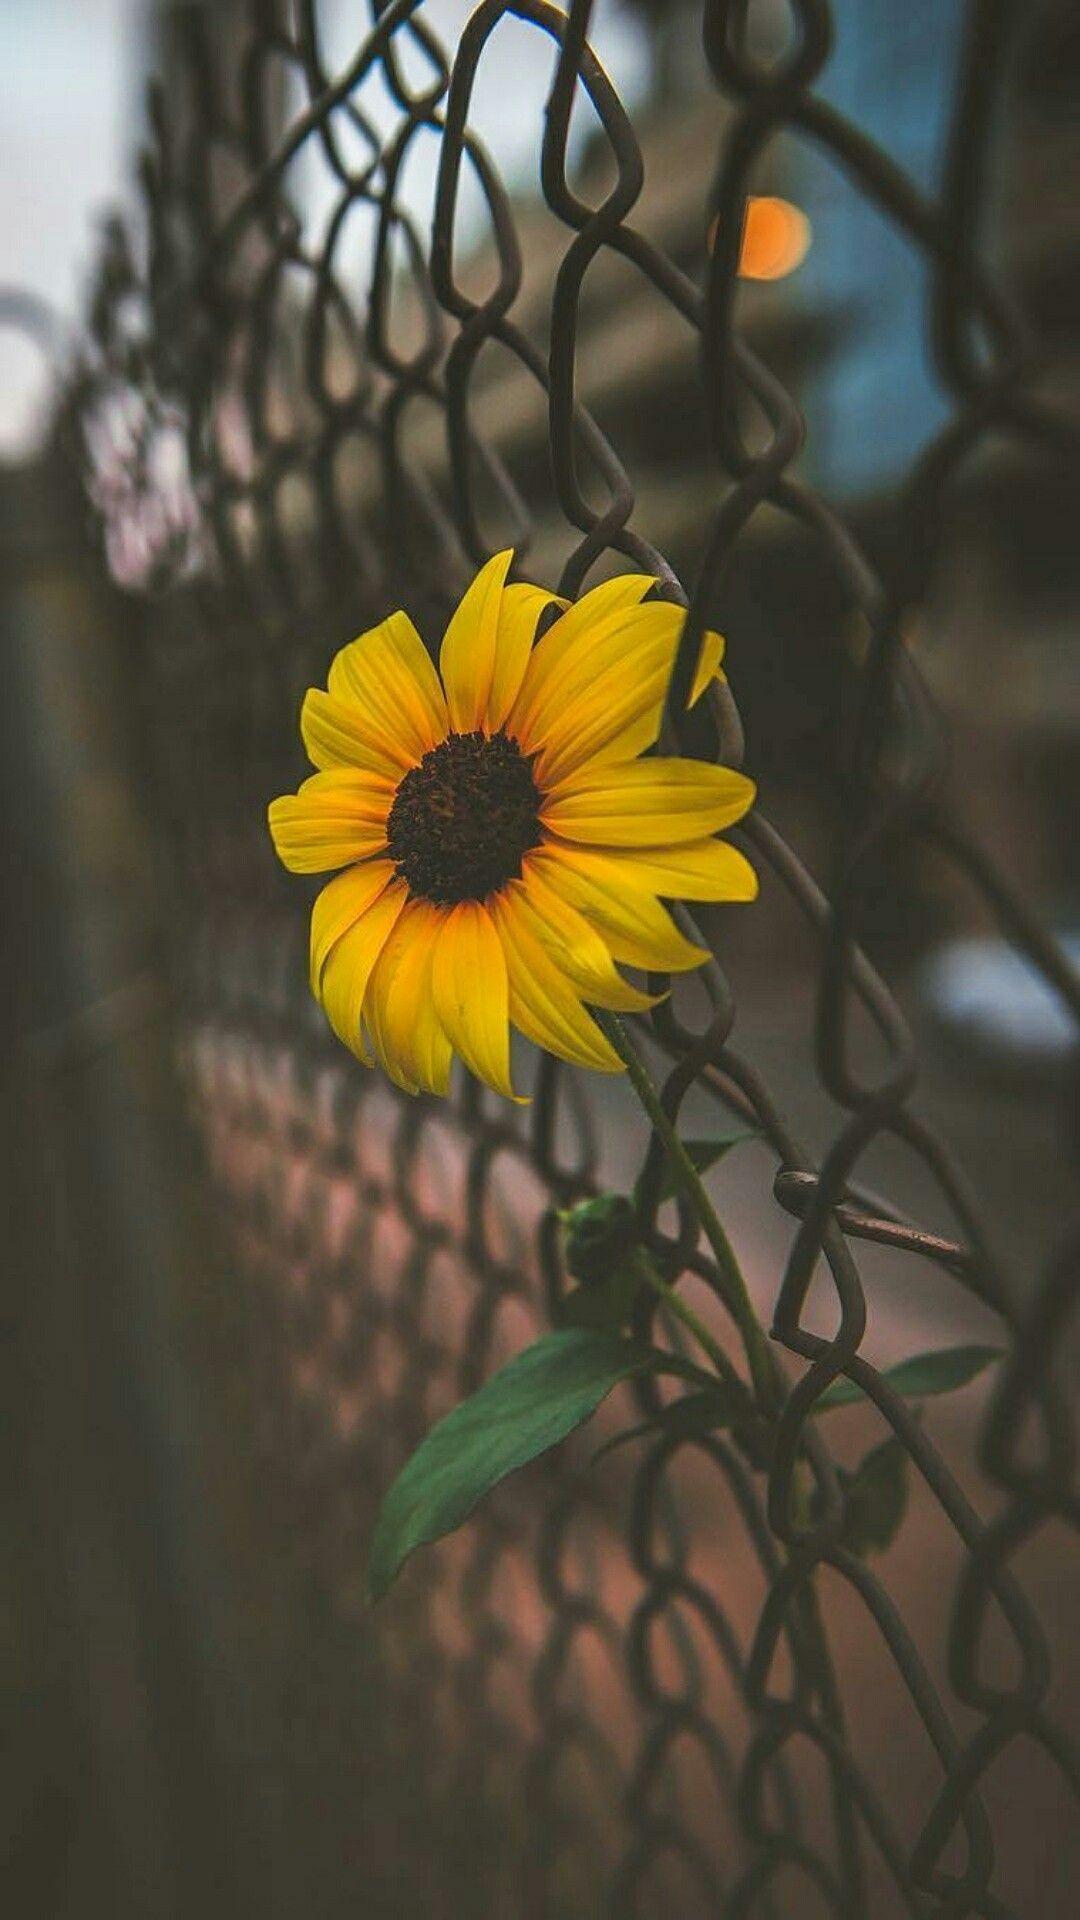 Pin de Iyan Sofyan em Flowers + Wallpapers natureza